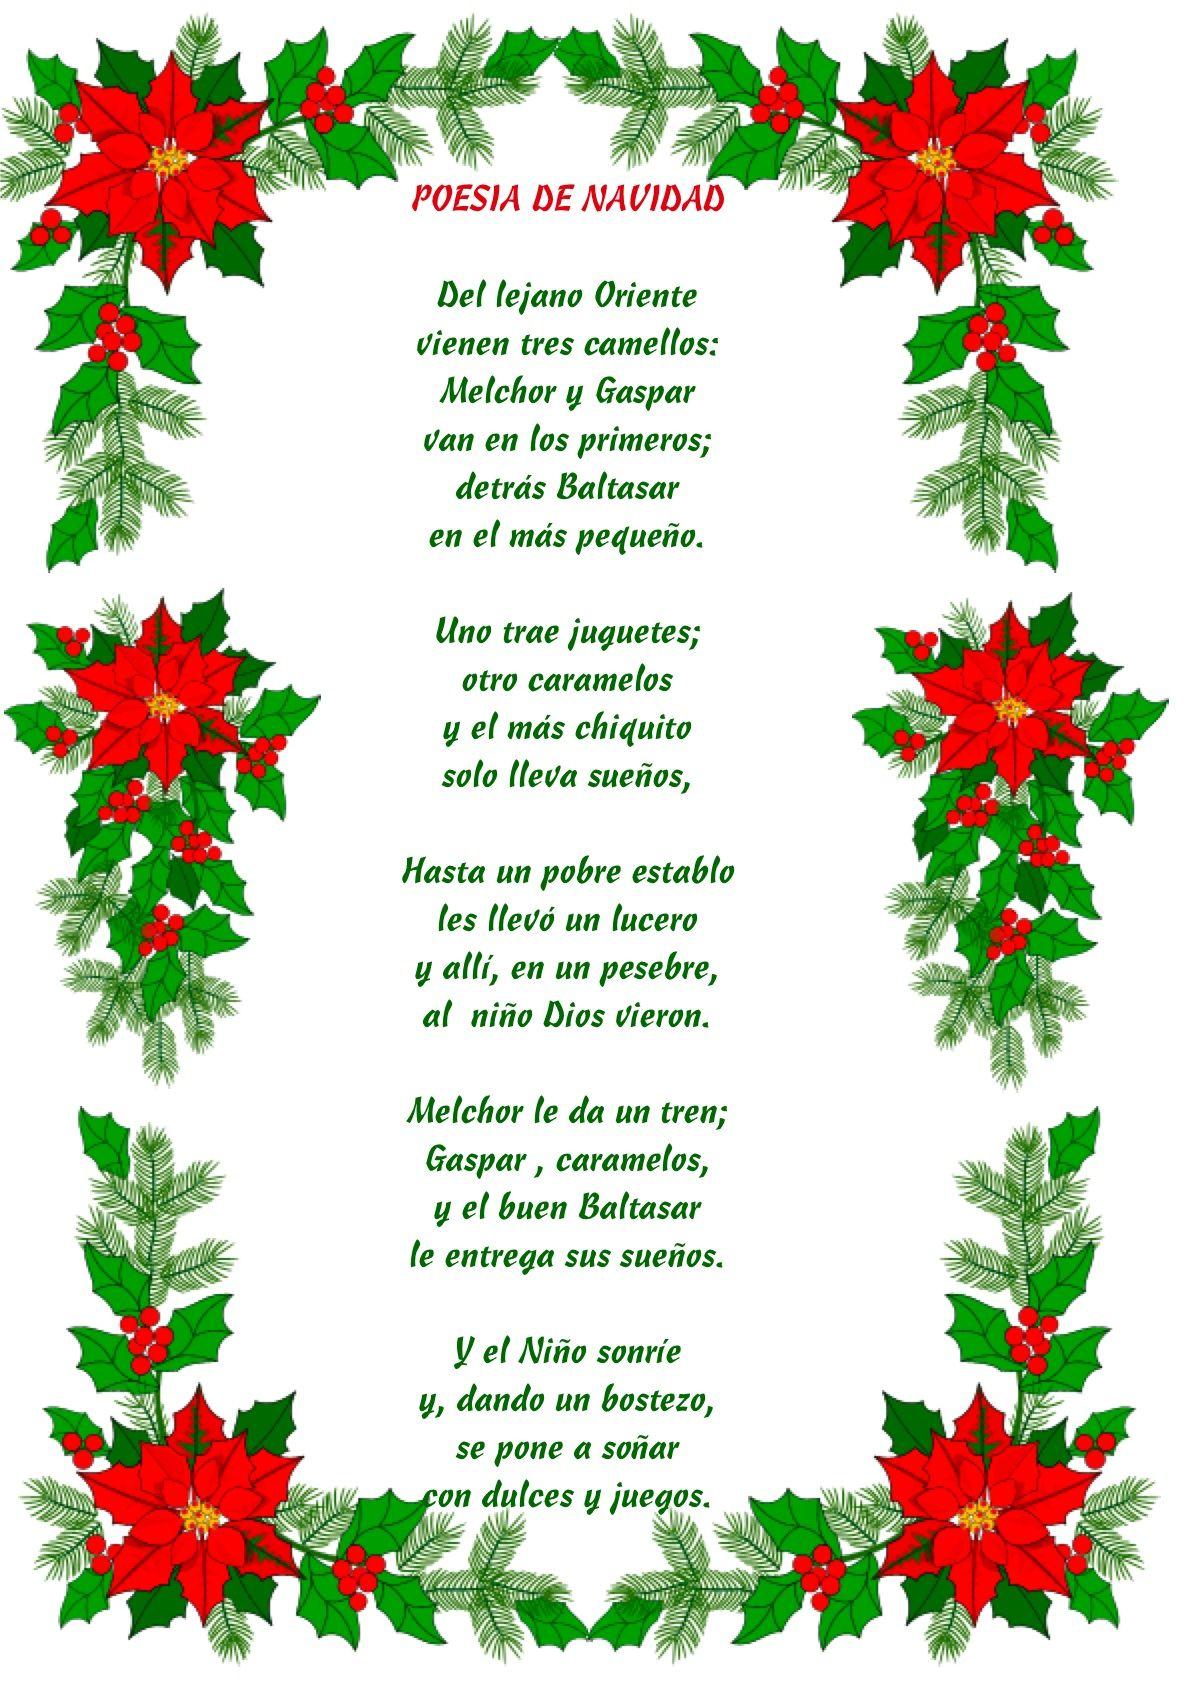 Poes a de navidad dual language fluidez pinterest - Postales de navidad con fotos de ninos ...